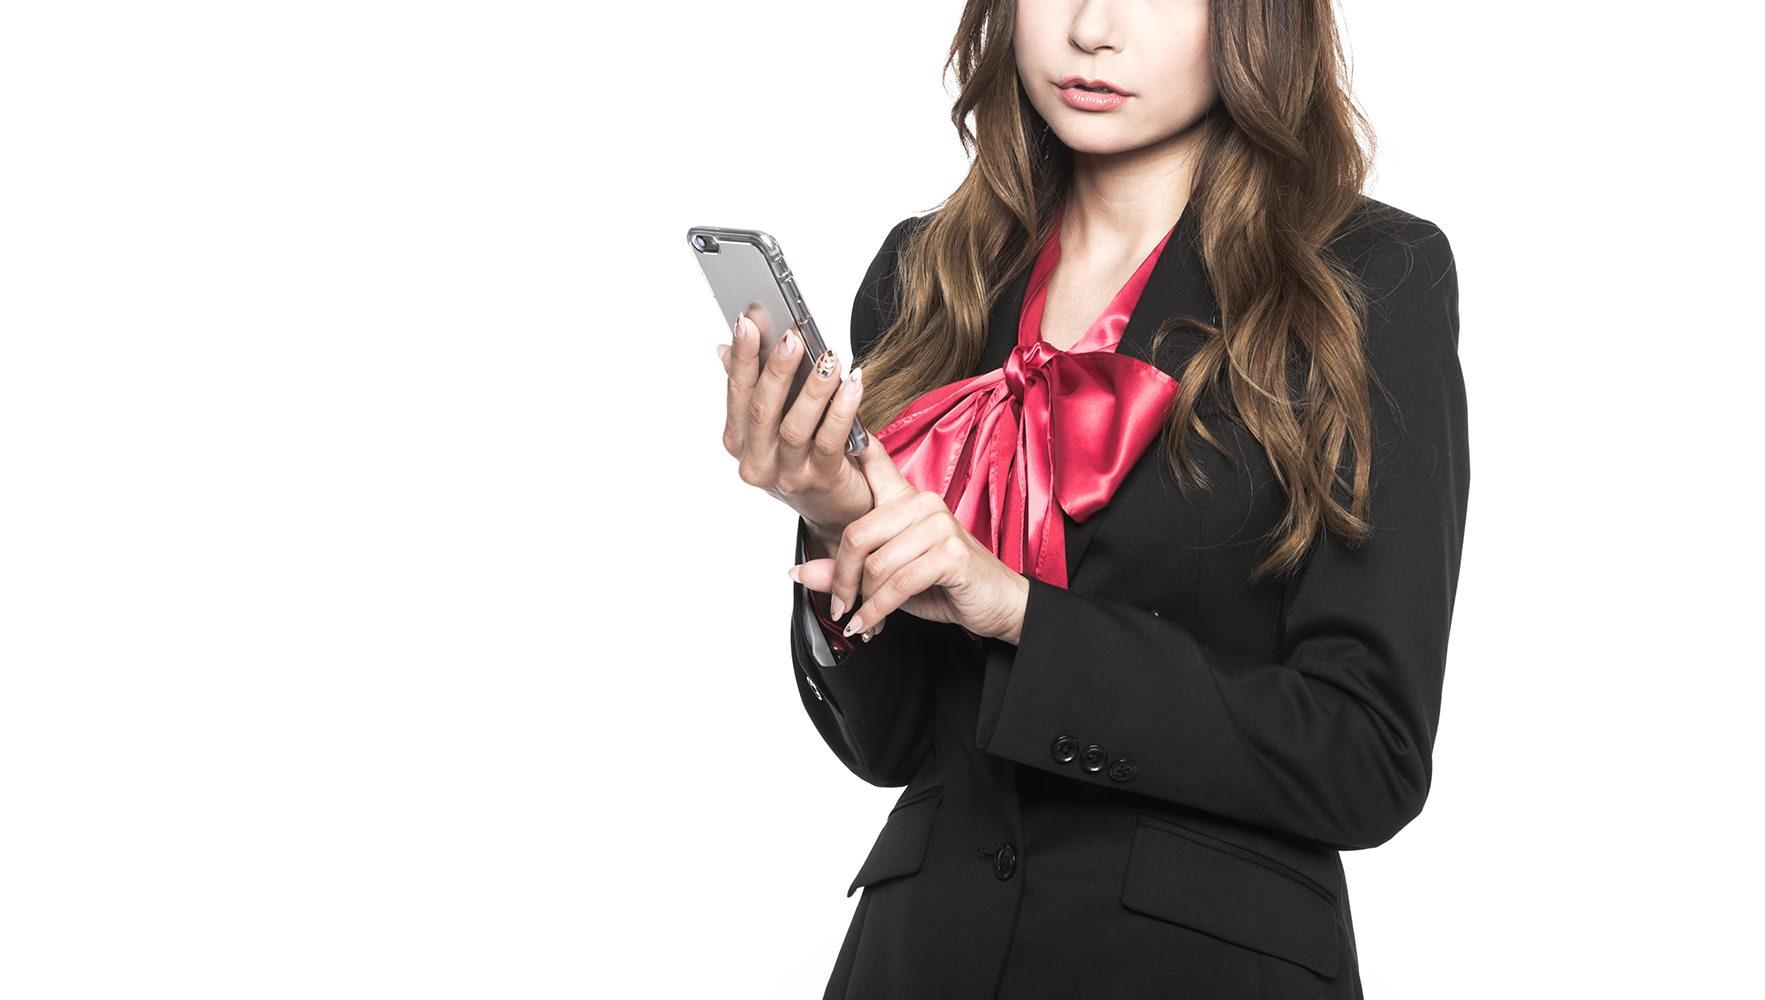 おすすめお小遣いアプリで稼ぐネット副業レビュー